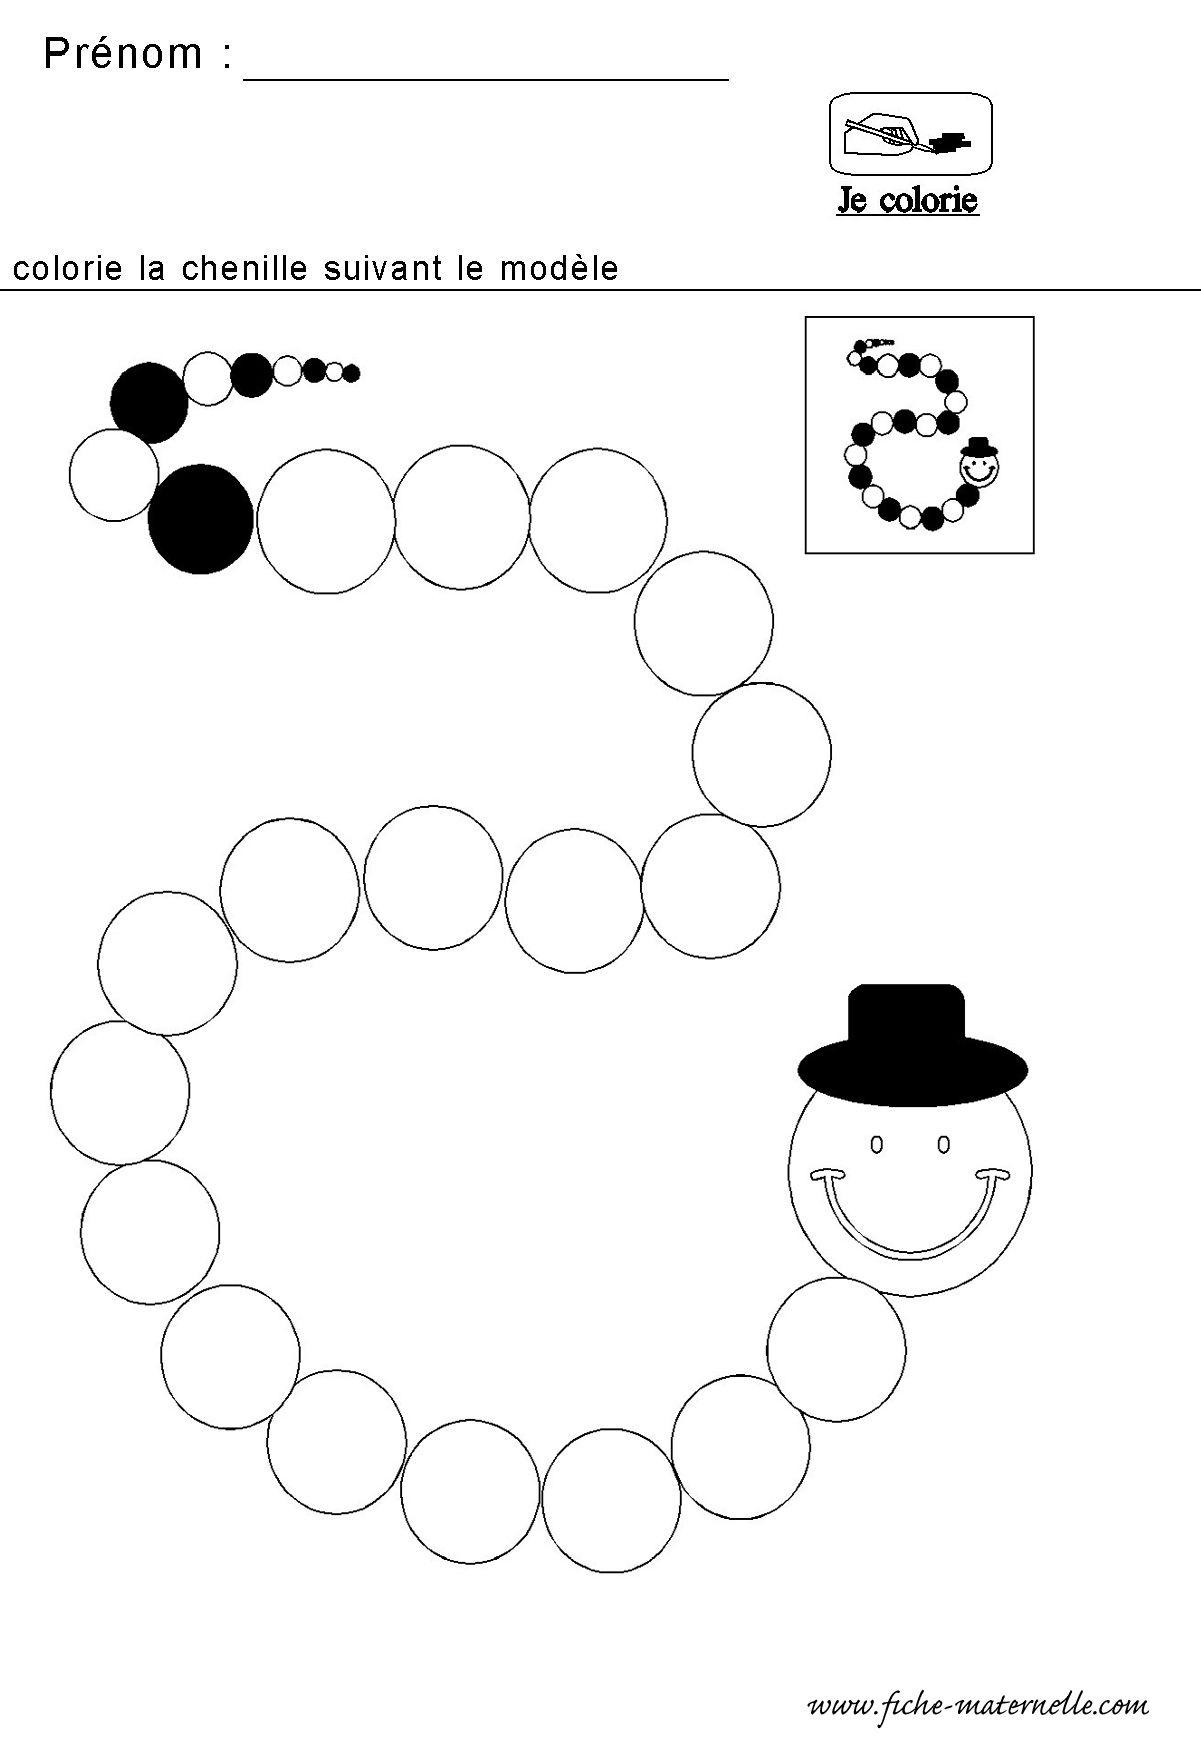 Mathematiques Maternelle Algorithme De La Chenille tout Exercice Maternelle Moyenne Section À Imprimer